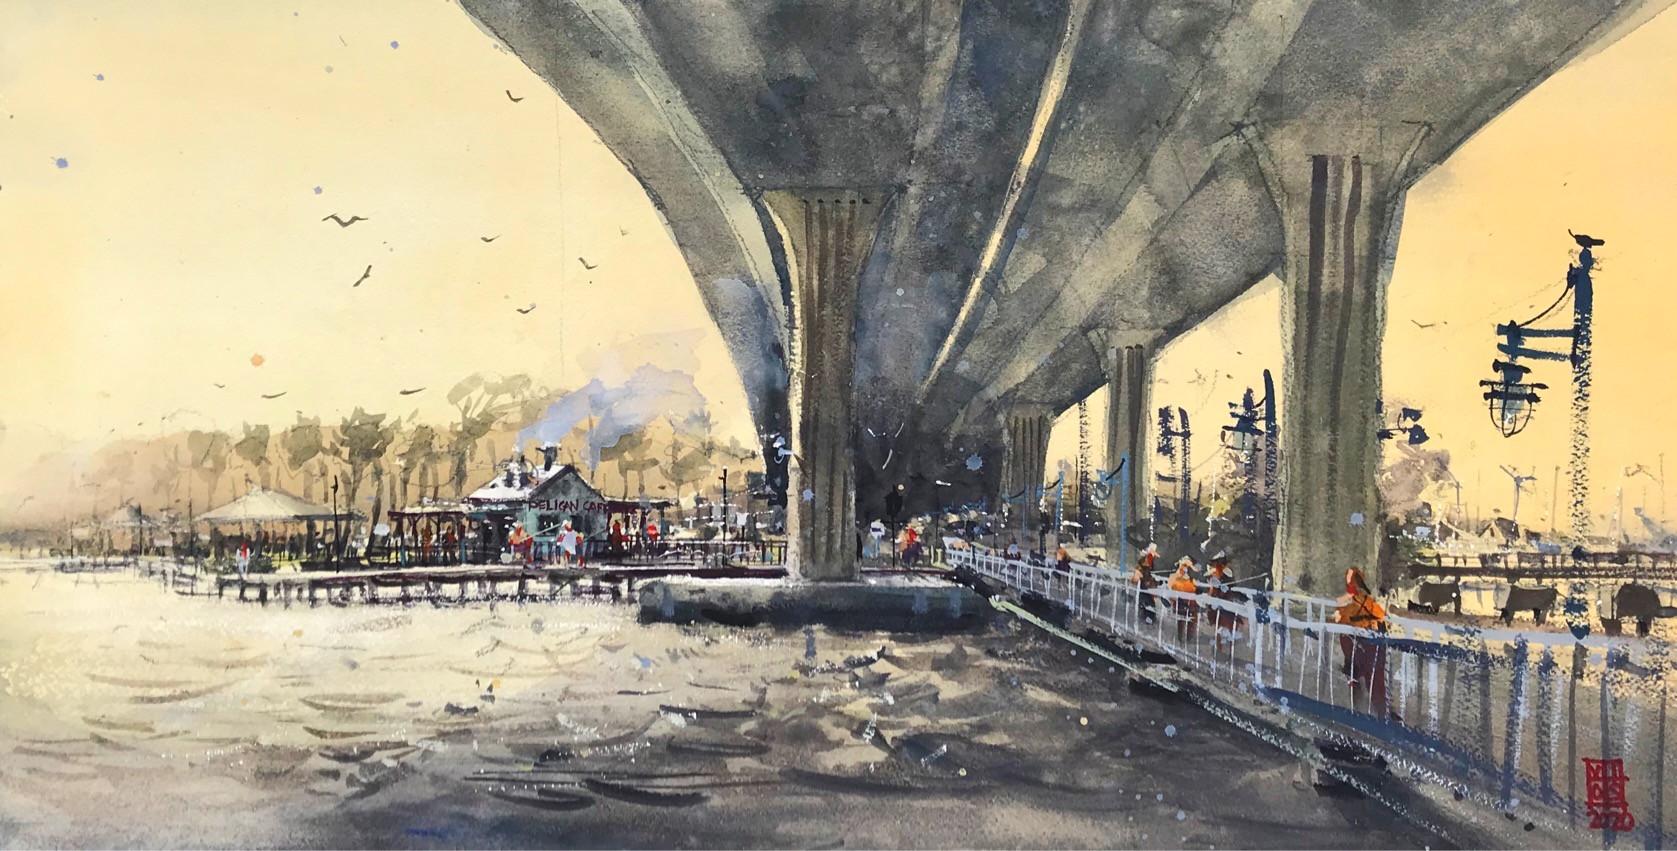 Under the Bridge in Stuart